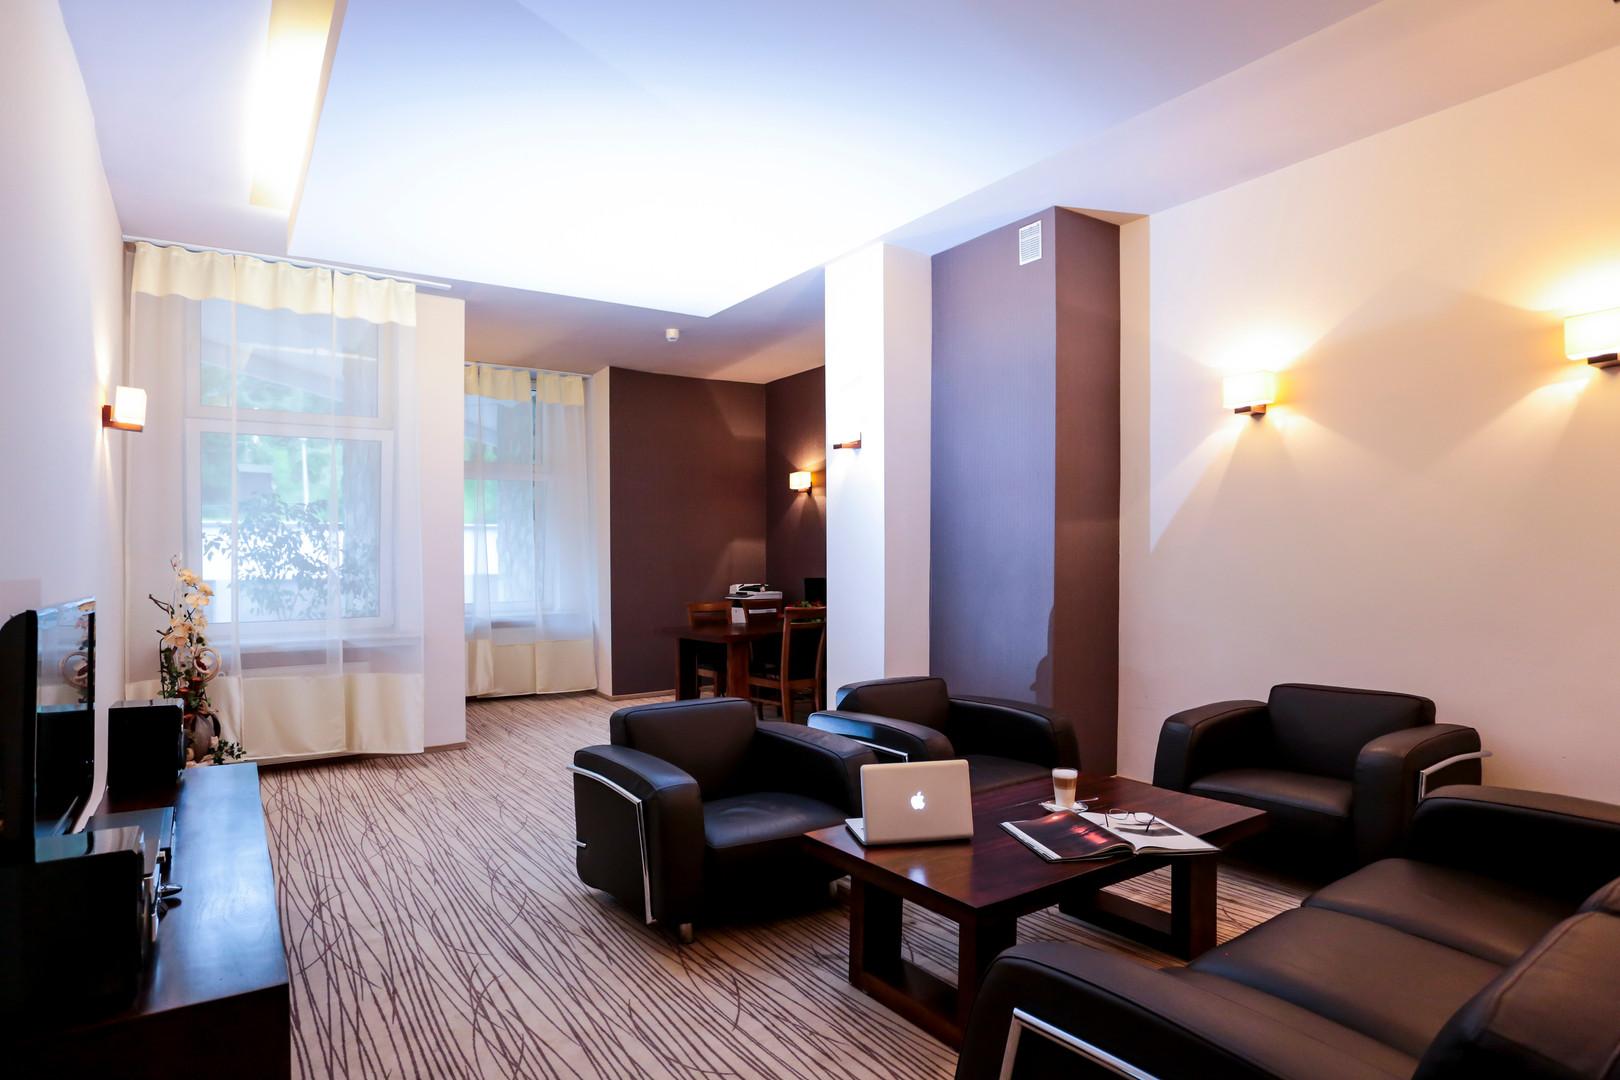 hotel_wilga11.jpg